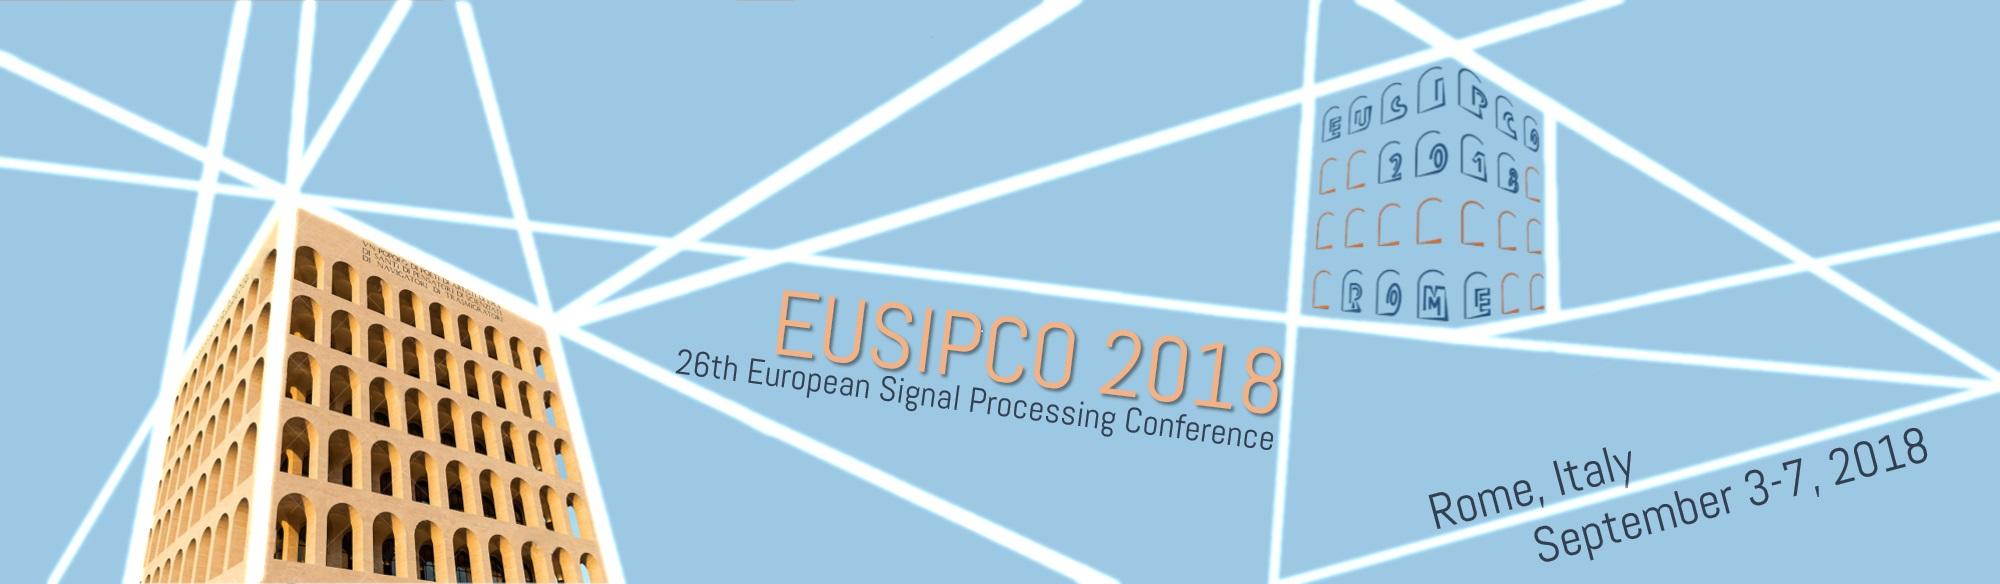 EUSIPCO 2018